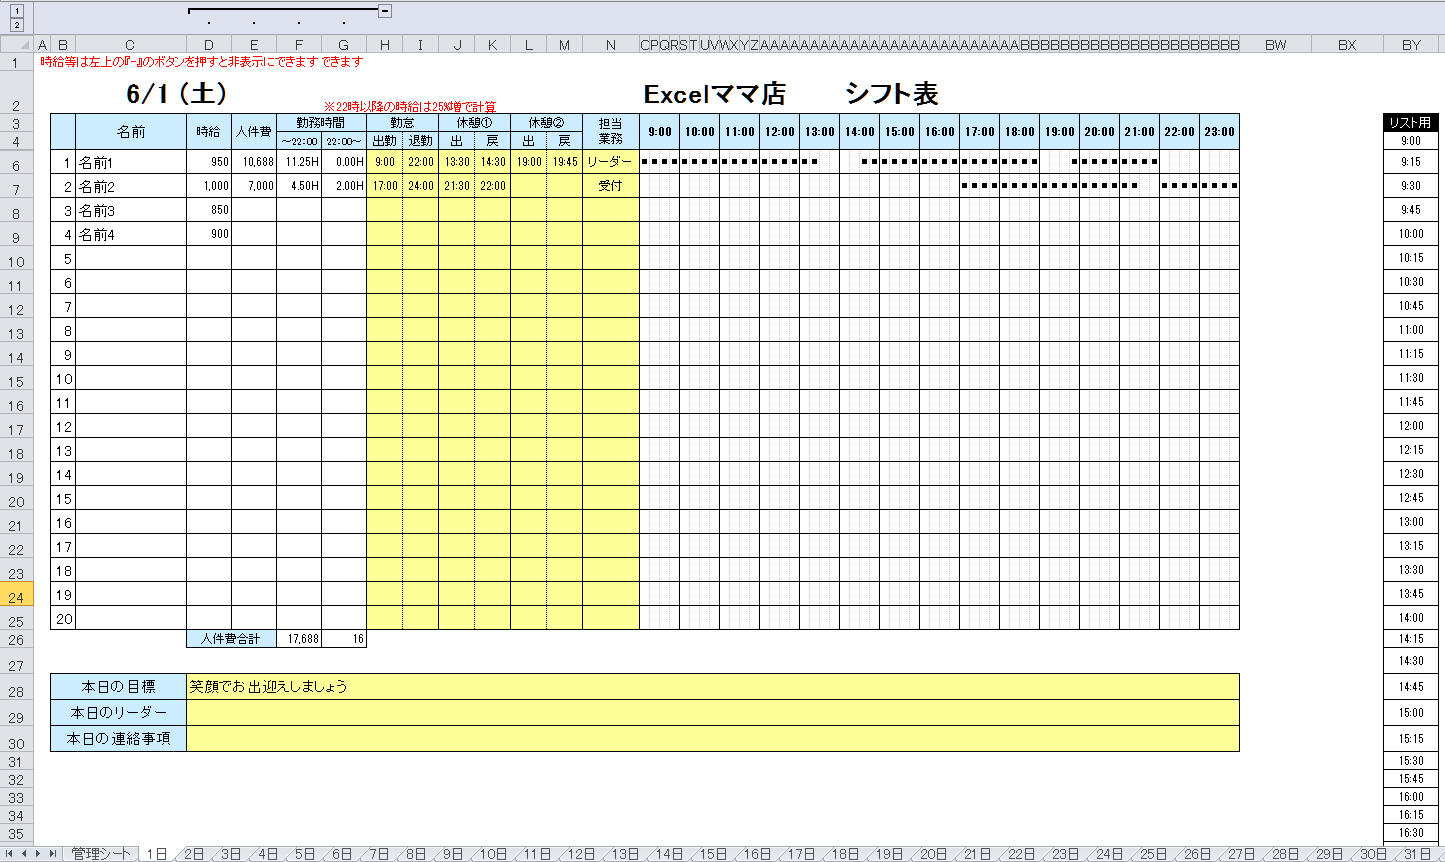 高機能なガントチャートのシフト表テンプレート